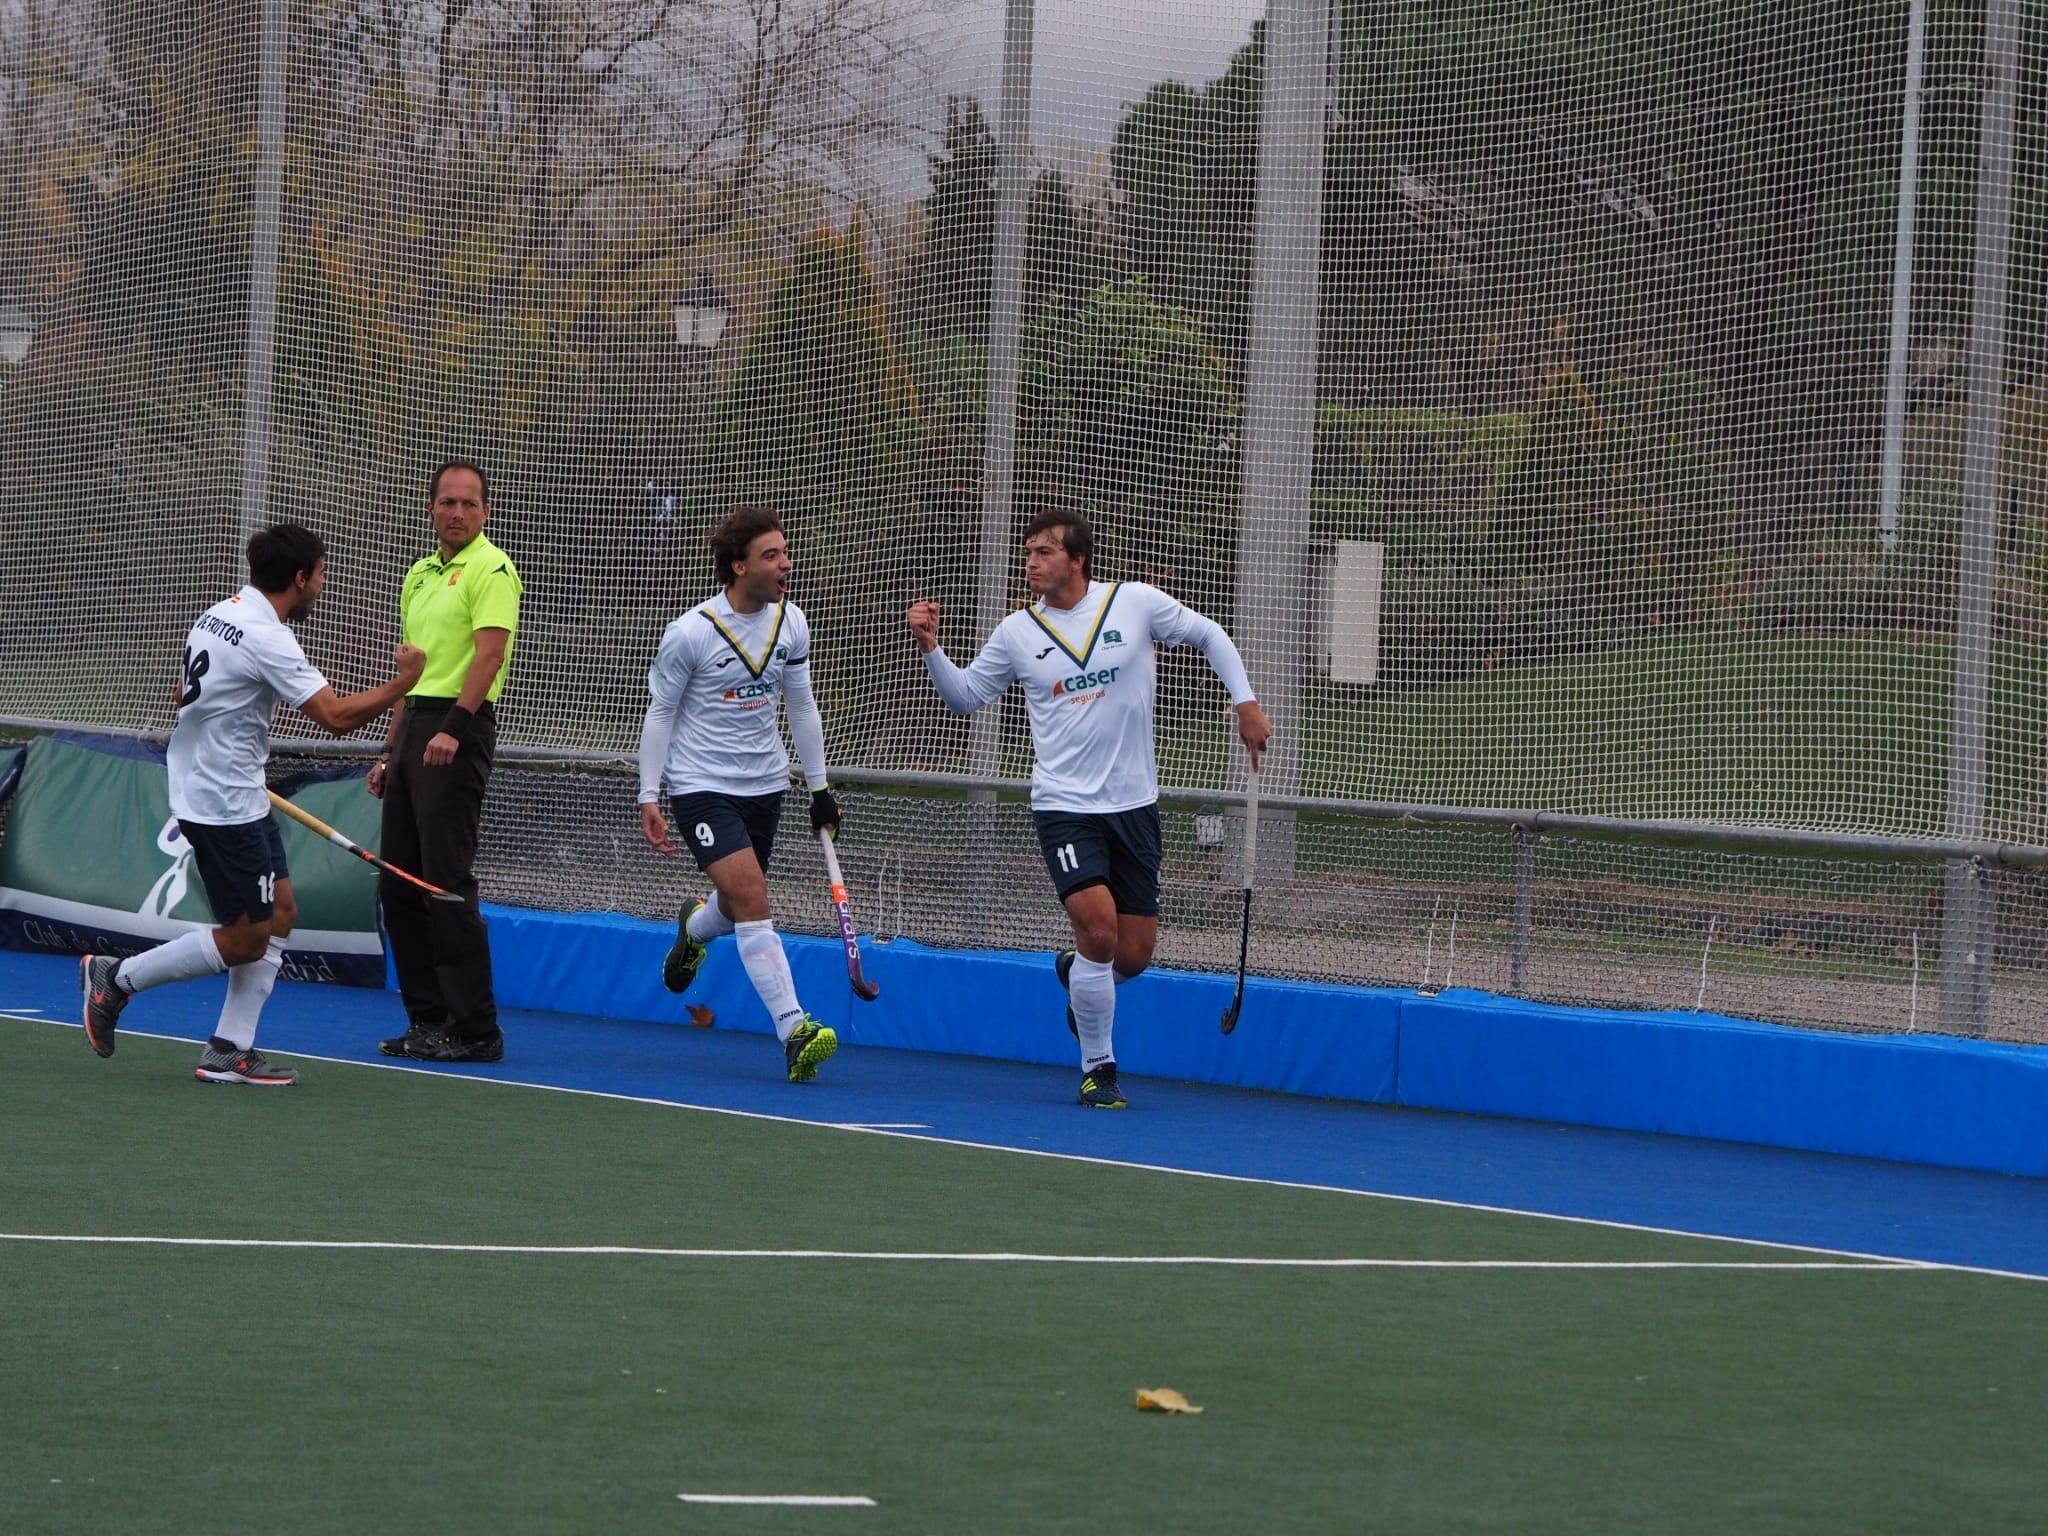 Los jugadores del Club celebran el gol de José Basterra. Foto: Ignacio Monsalve